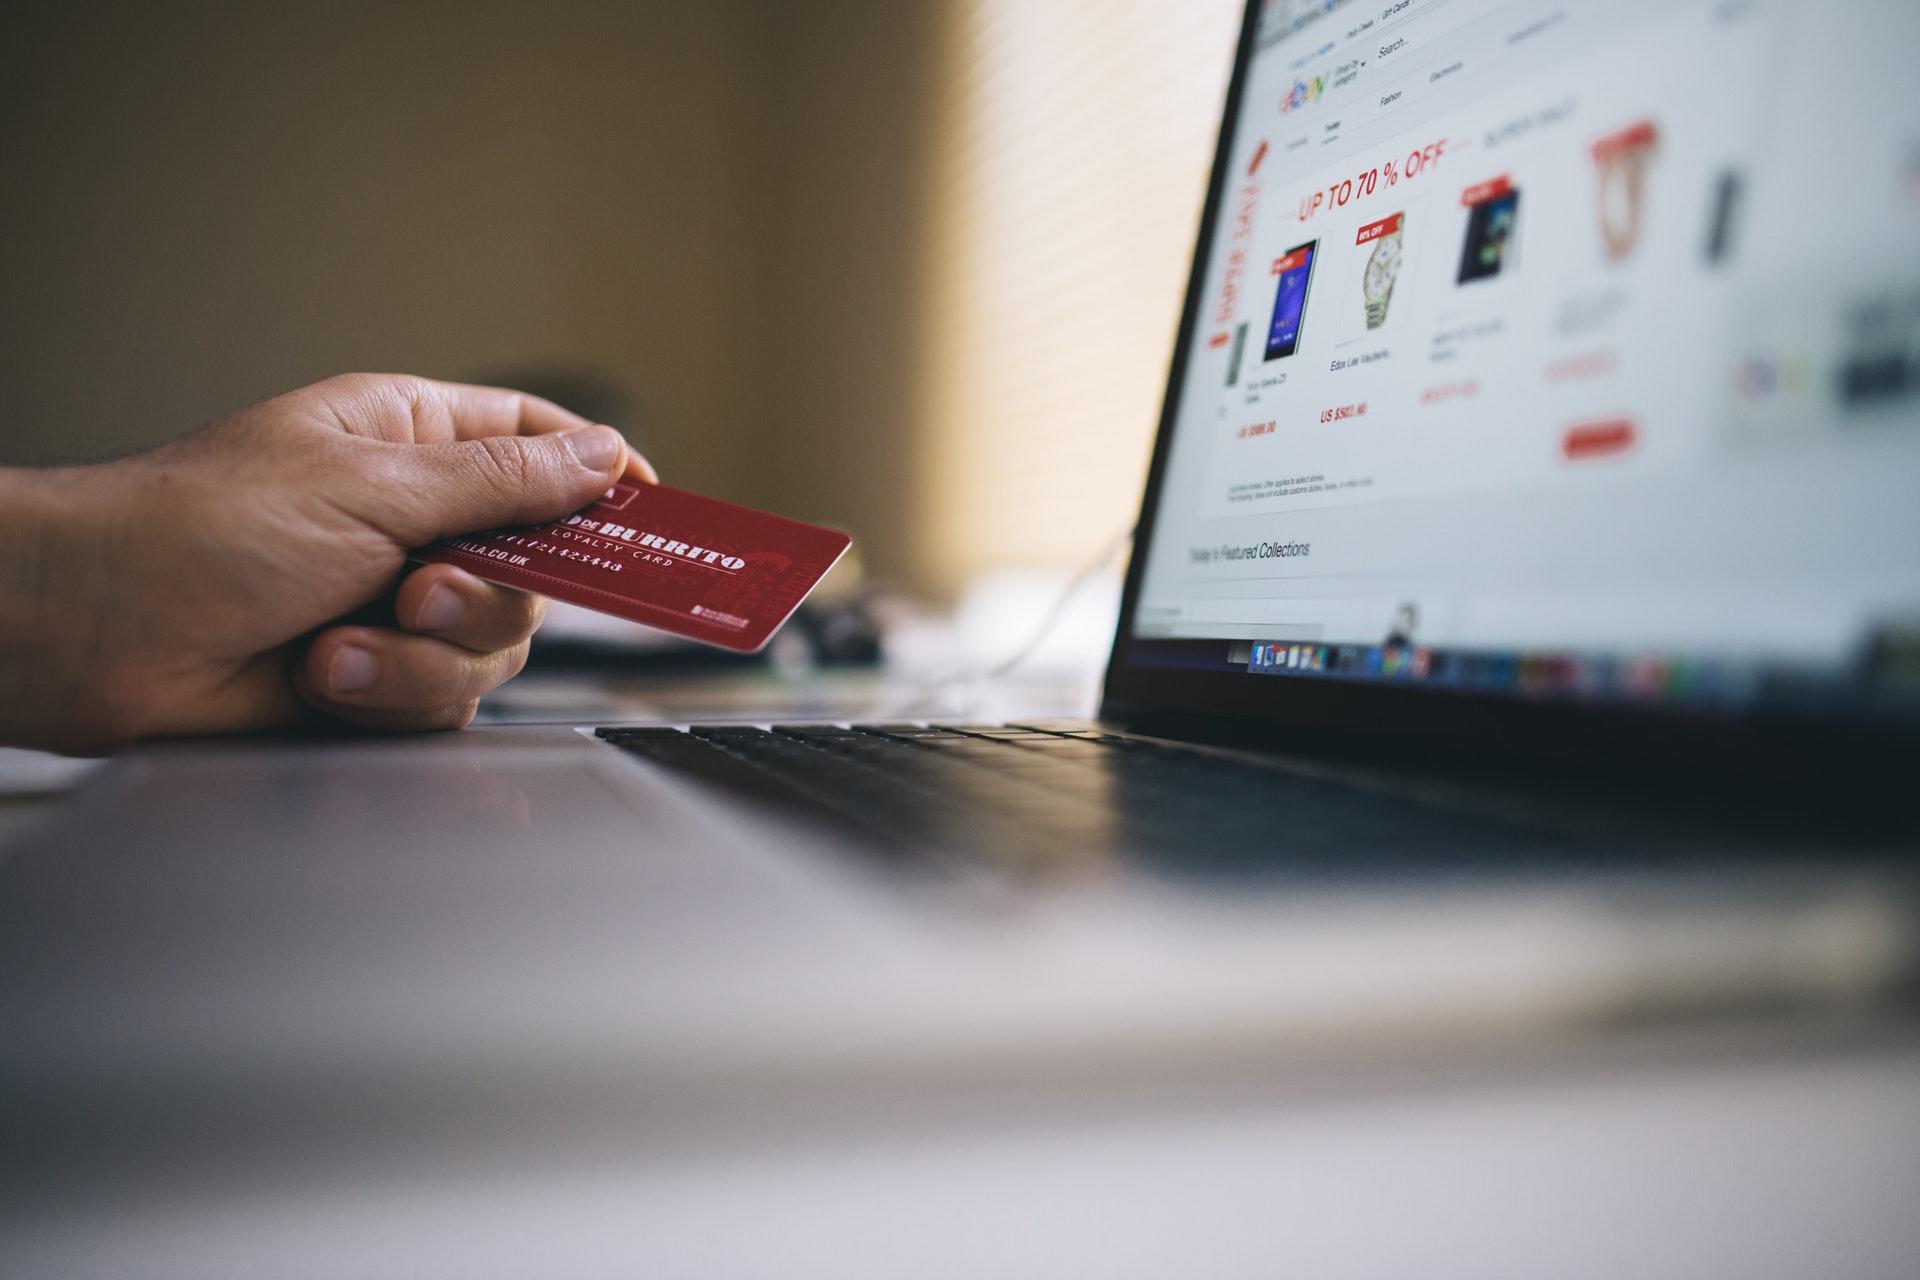 alışveriş sitelerinde AI sayesinde kişisel öneriler sunulması